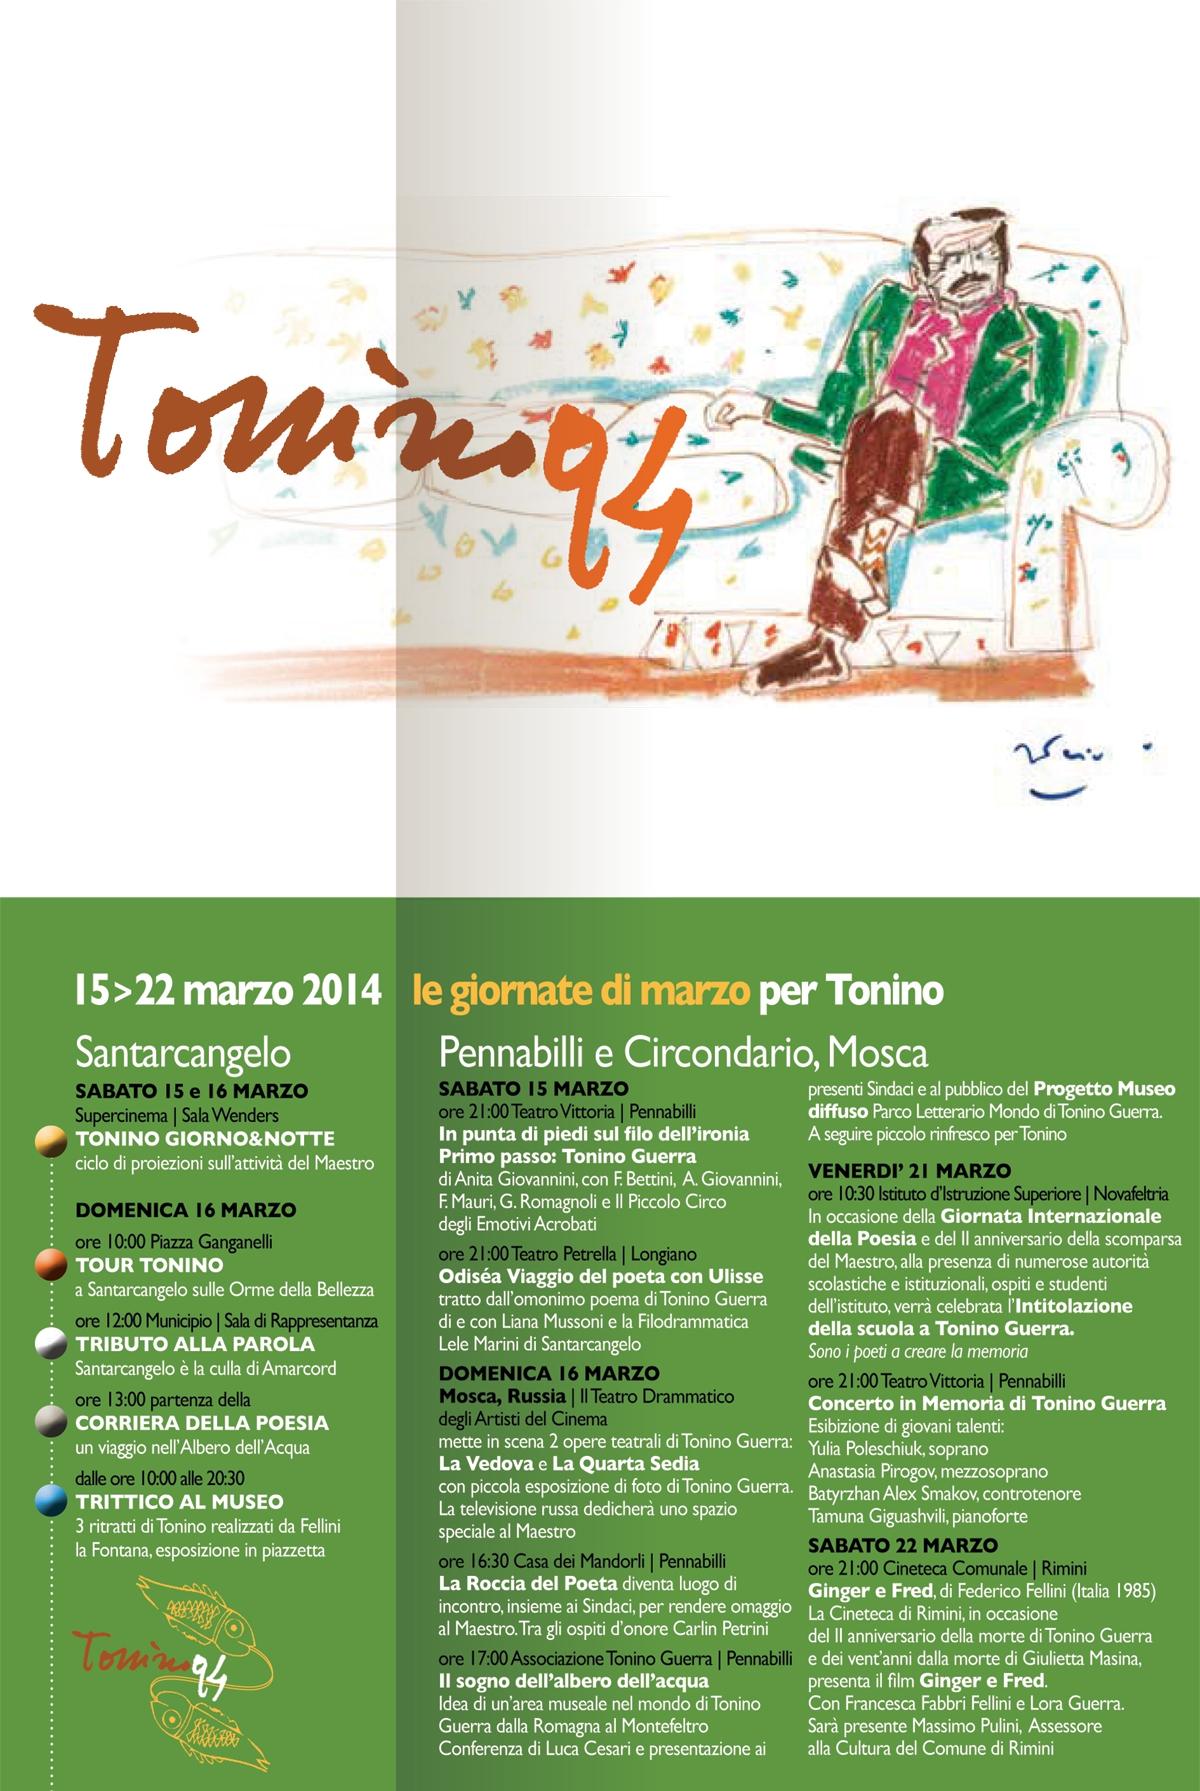 Le giornate di marzo per Tonino, clicca per vedere il programma integrale sul pieghevole PDF